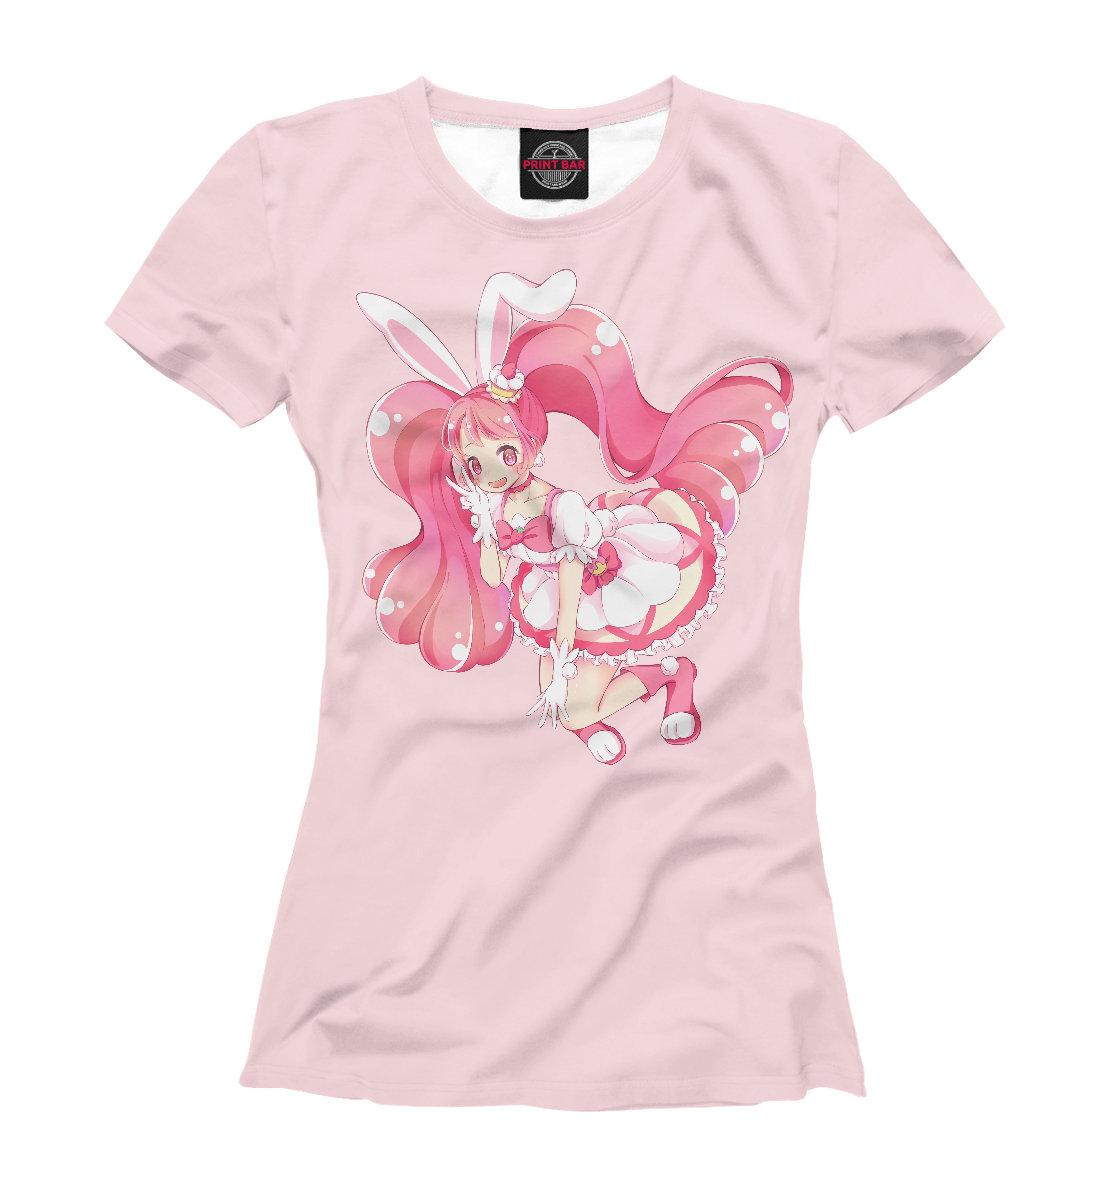 Картинки на футболки девочкам